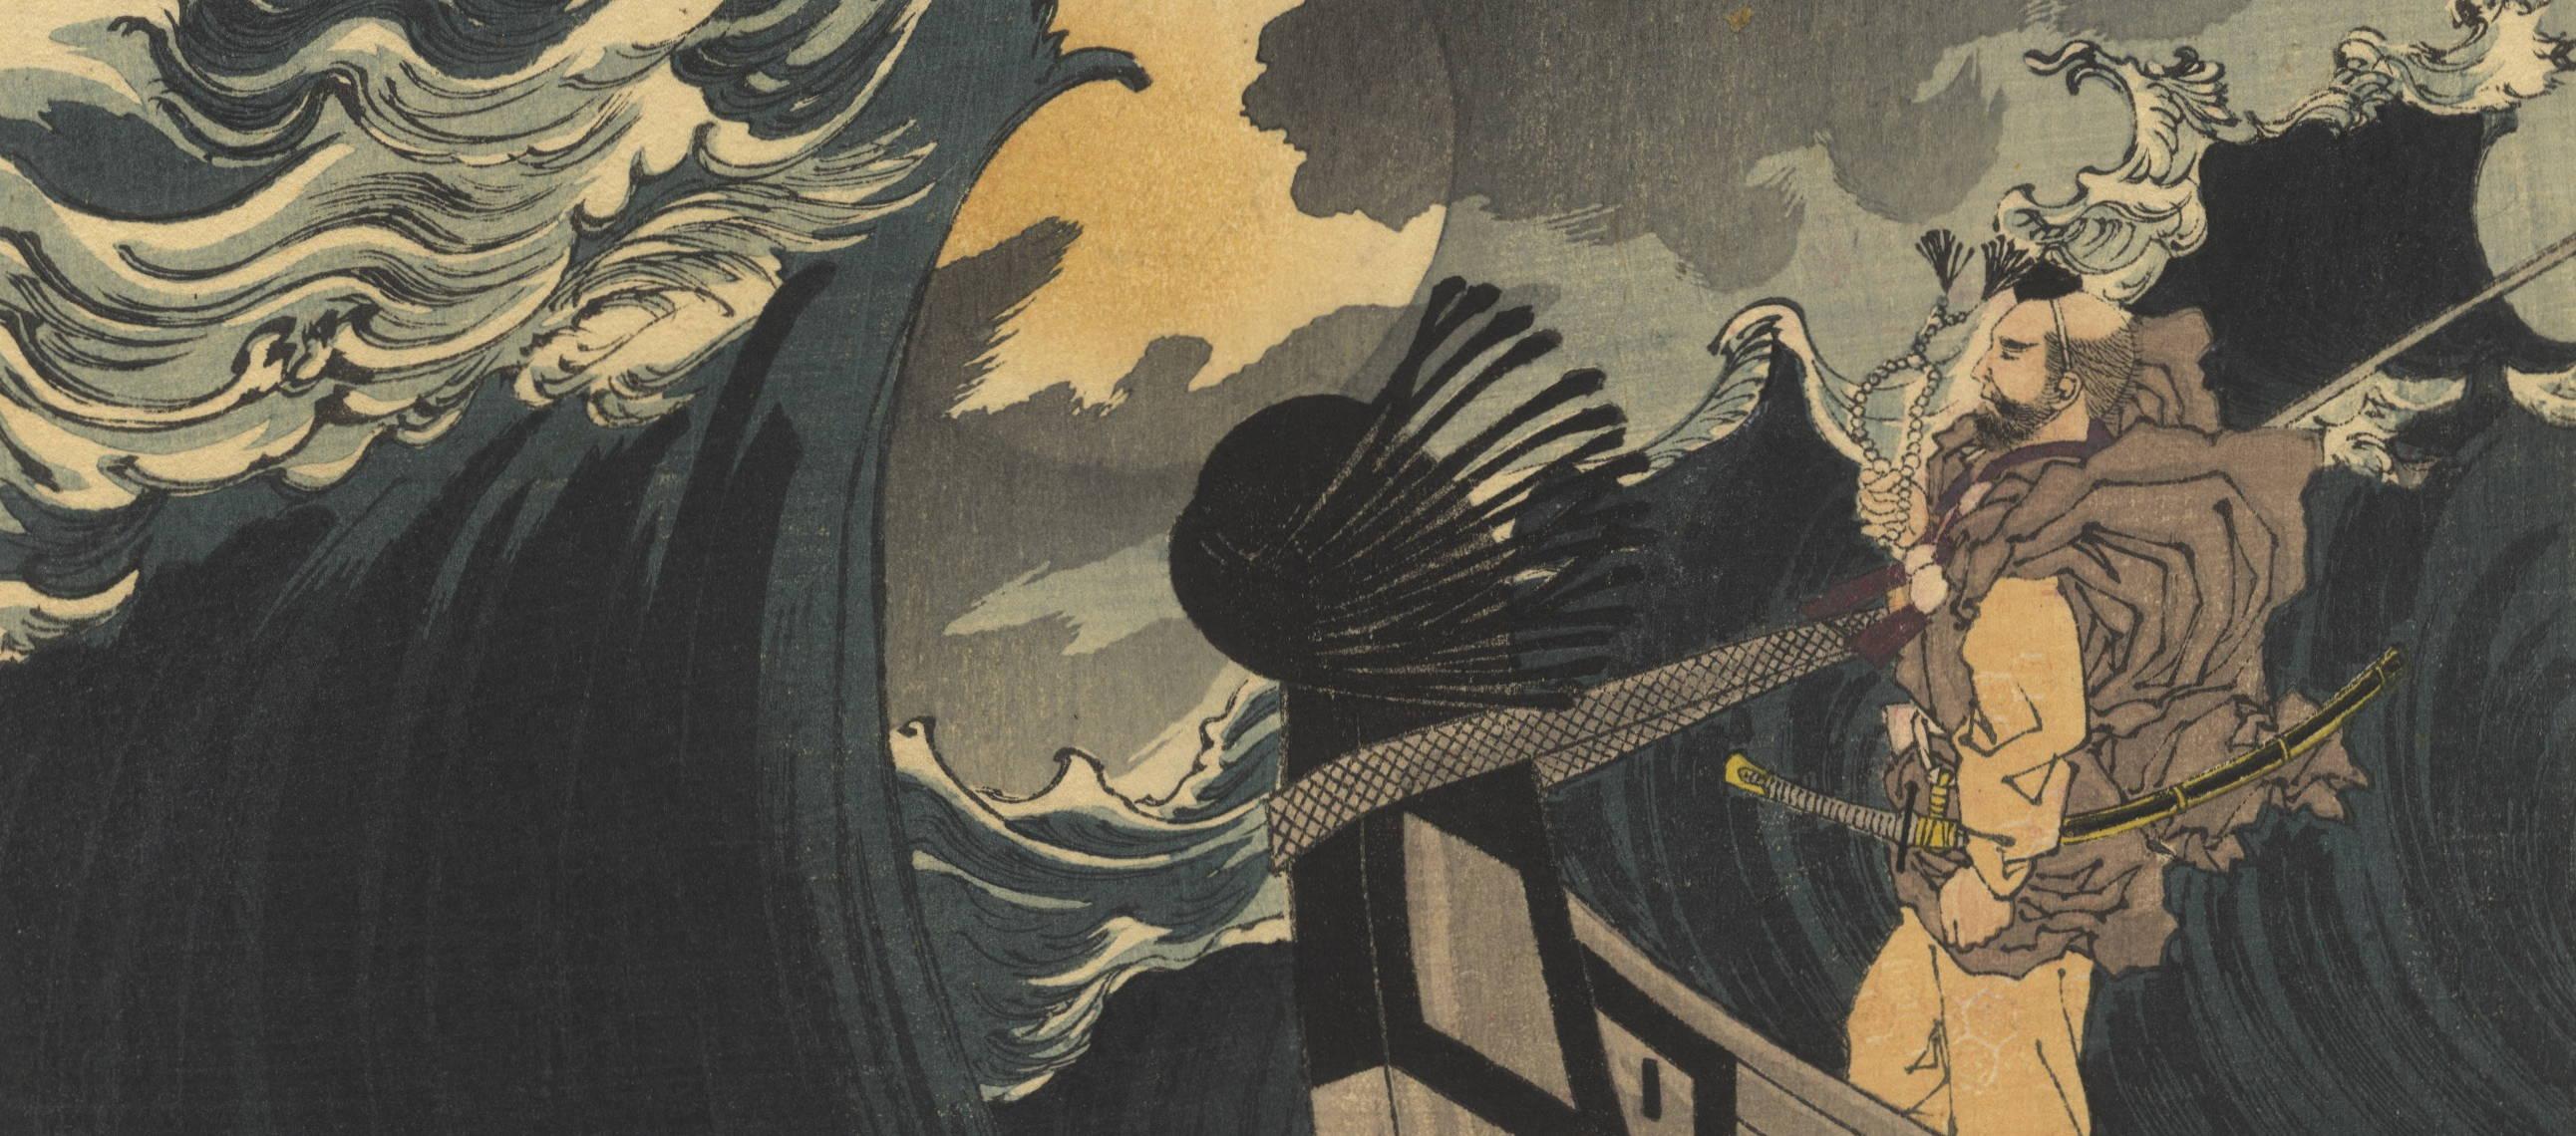 yoshitoshi tsukioka, benkei, one hundred aspects of the moon